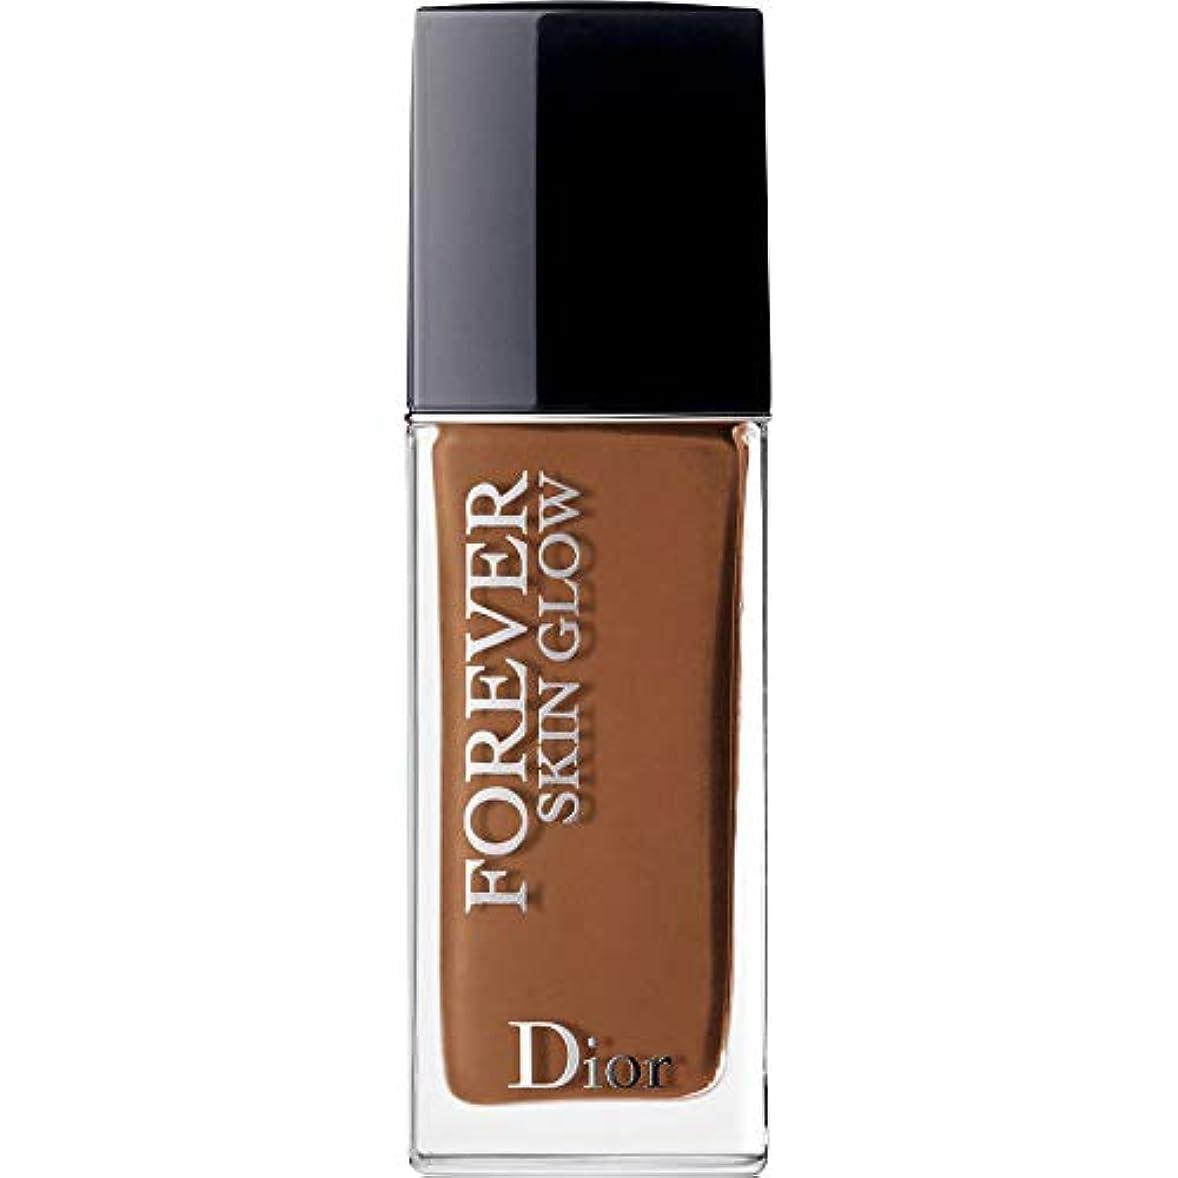 速記記述するツイン[Dior ] ディオール永遠に皮膚グロー皮膚思いやりの基礎Spf35 30ミリリットルの8N - ニュートラル(肌の輝き) - DIOR Forever Skin Glow Skin-Caring Foundation...